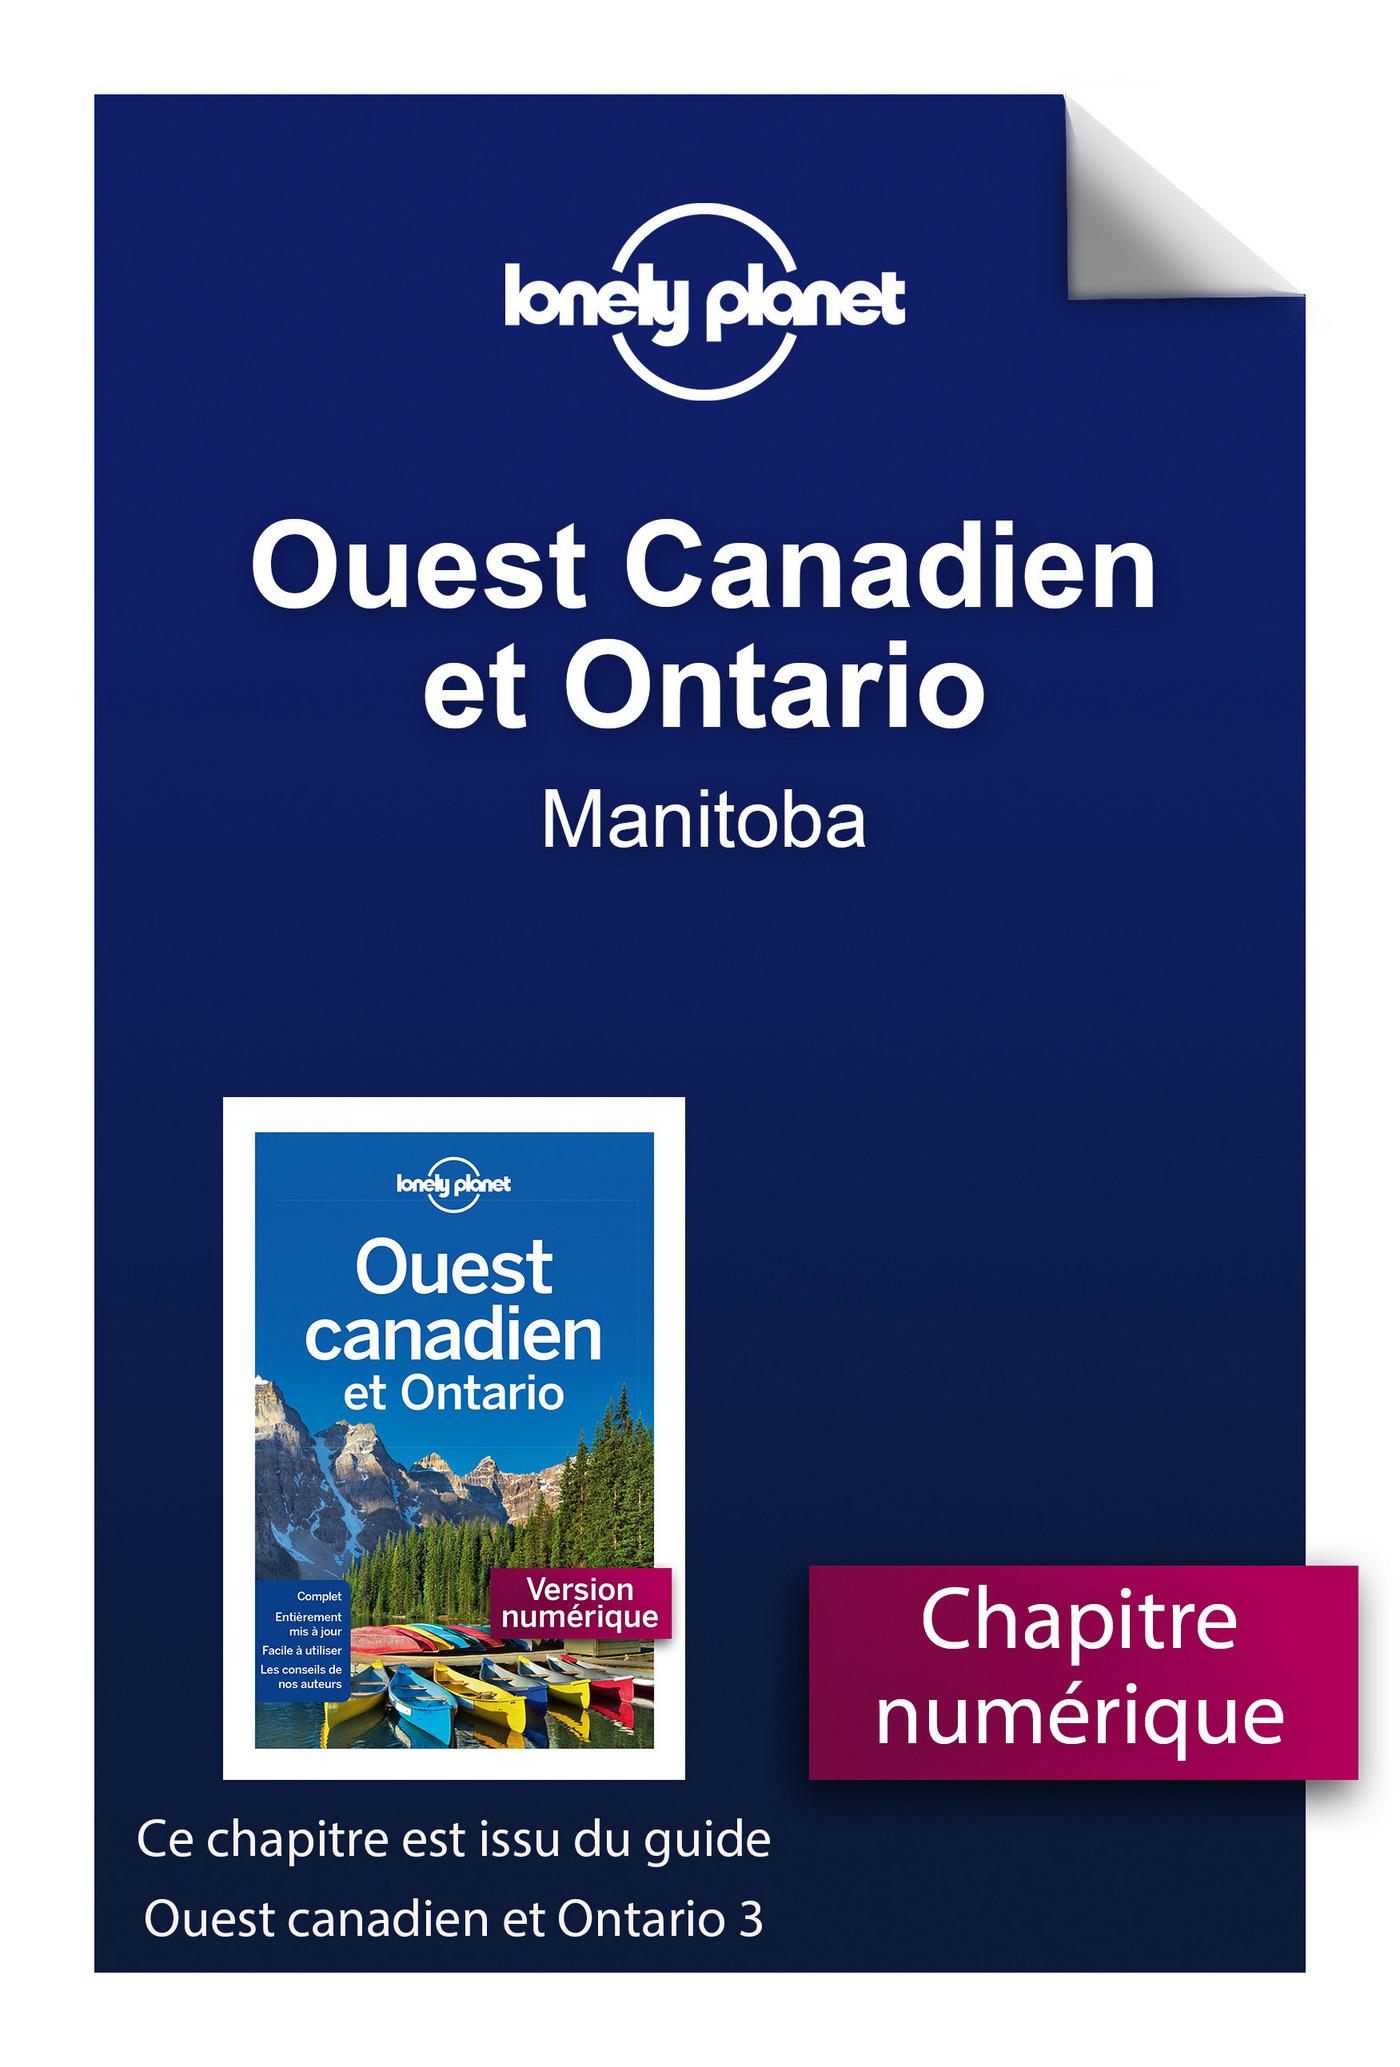 Ouest Canadien et Ontario 3 - Manitoba